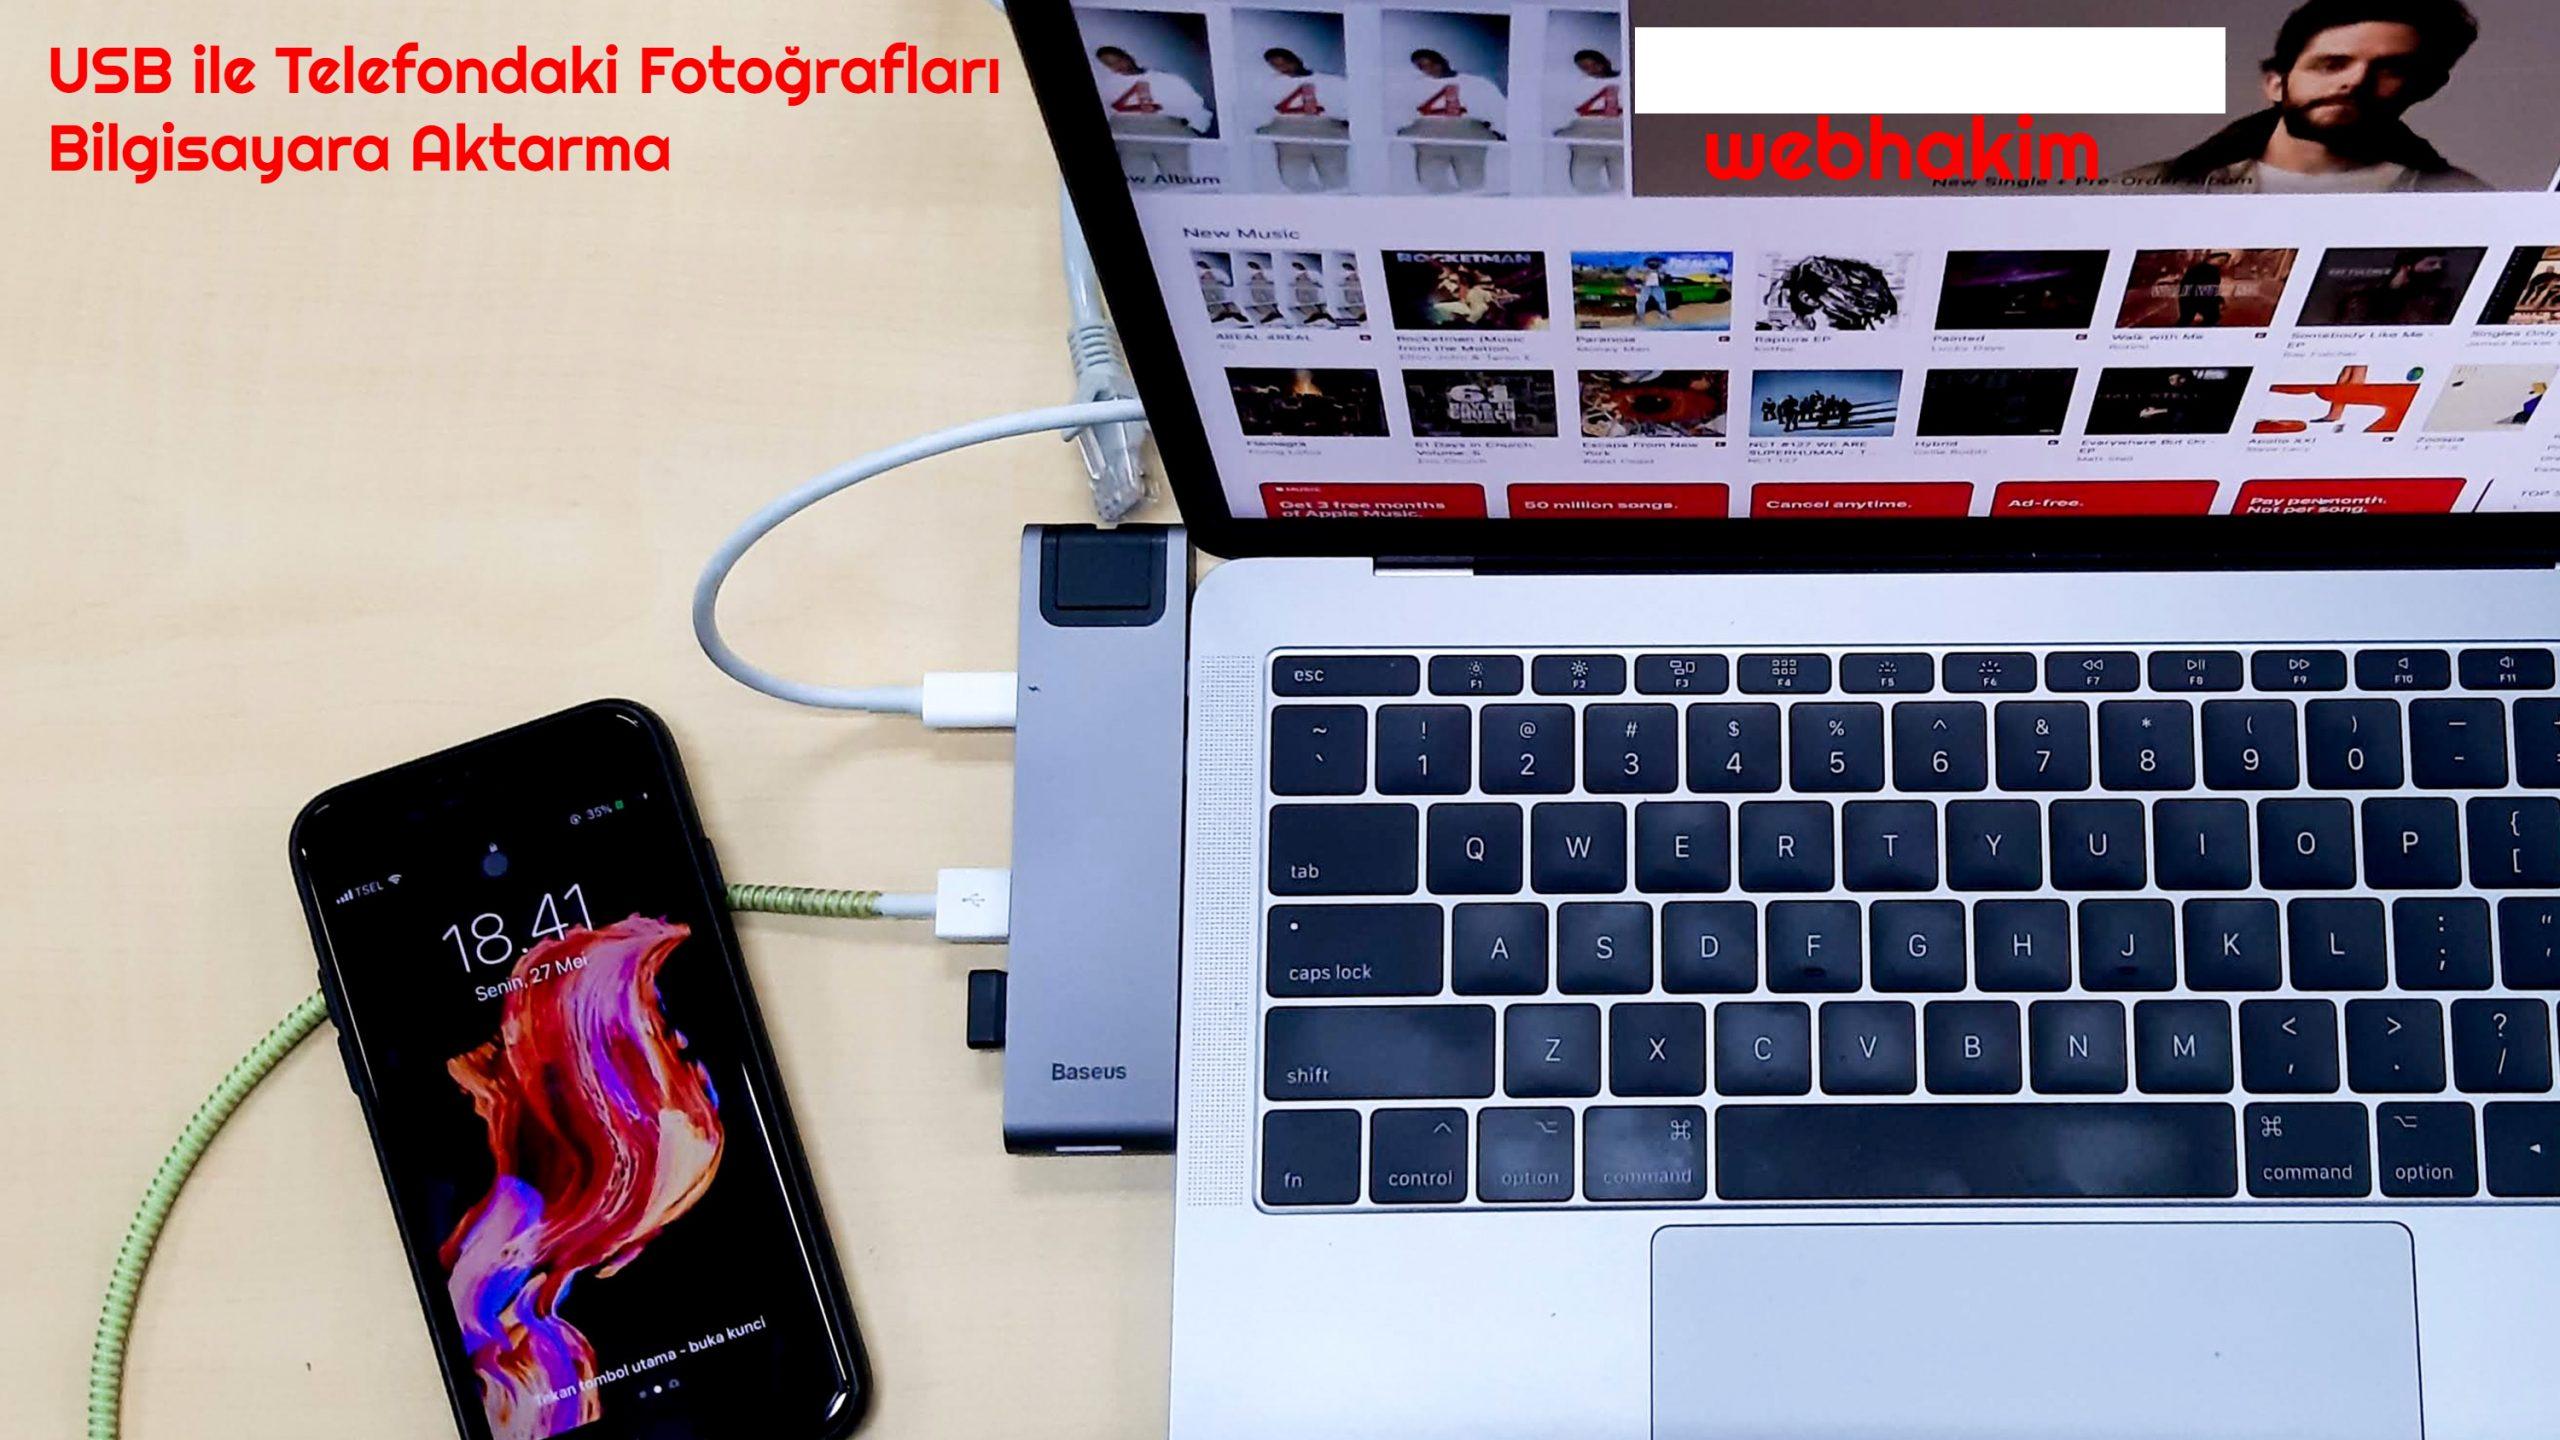 telefondan bilgisayara fotoğraf aktarma programı